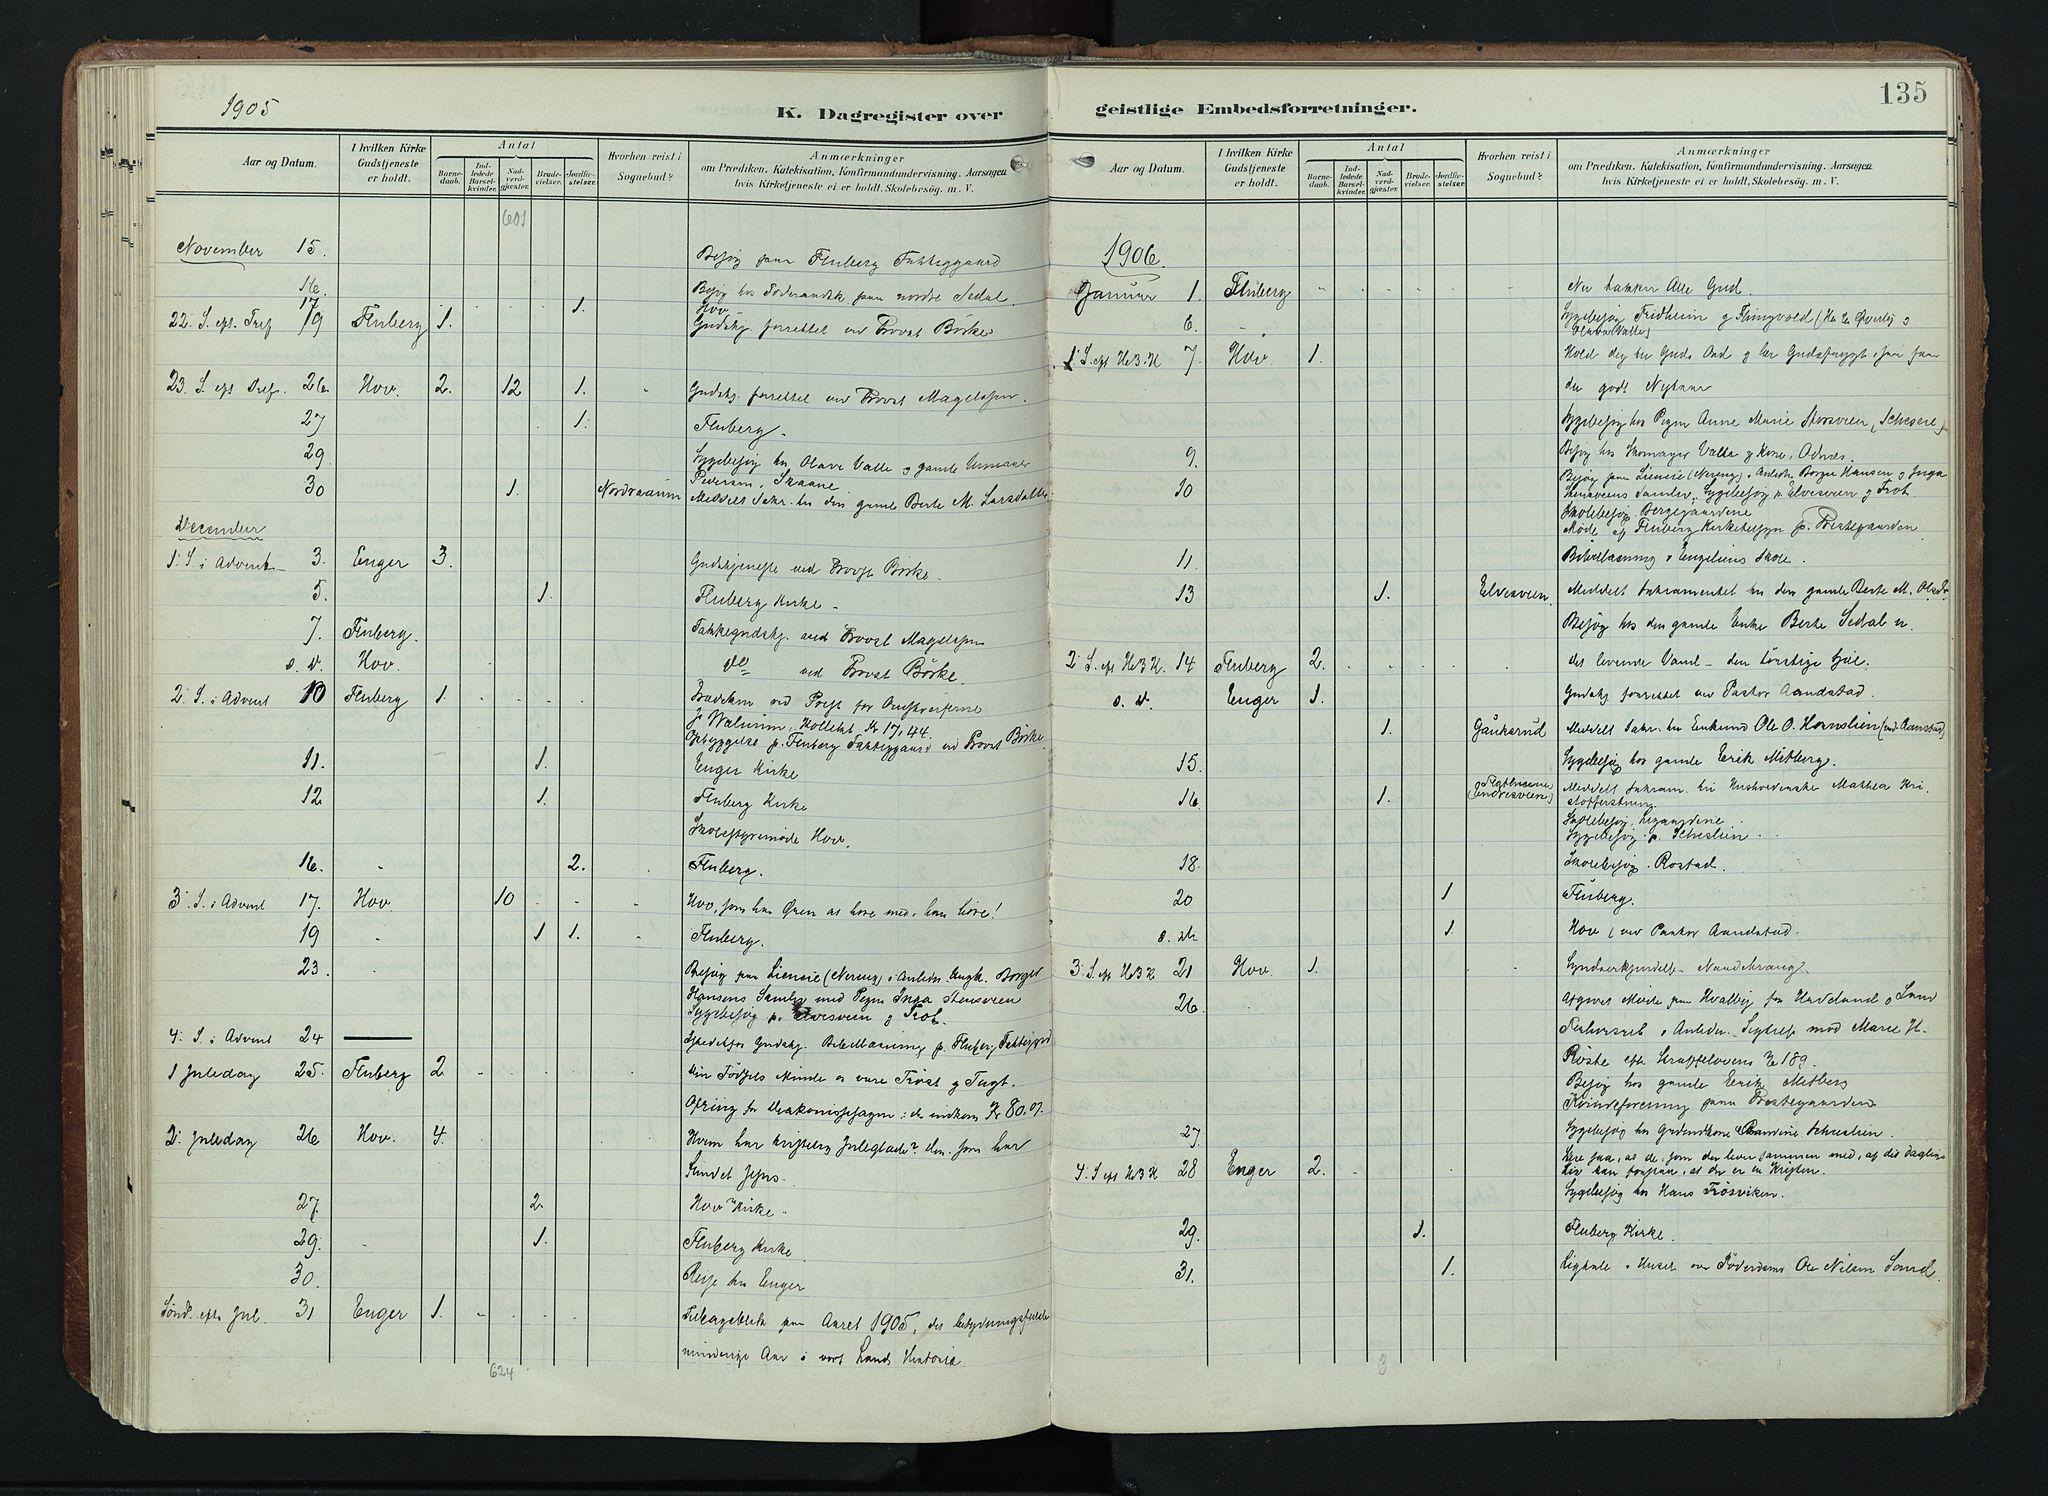 SAH, Søndre Land prestekontor, K/L0005: Ministerialbok nr. 5, 1905-1914, s. 135